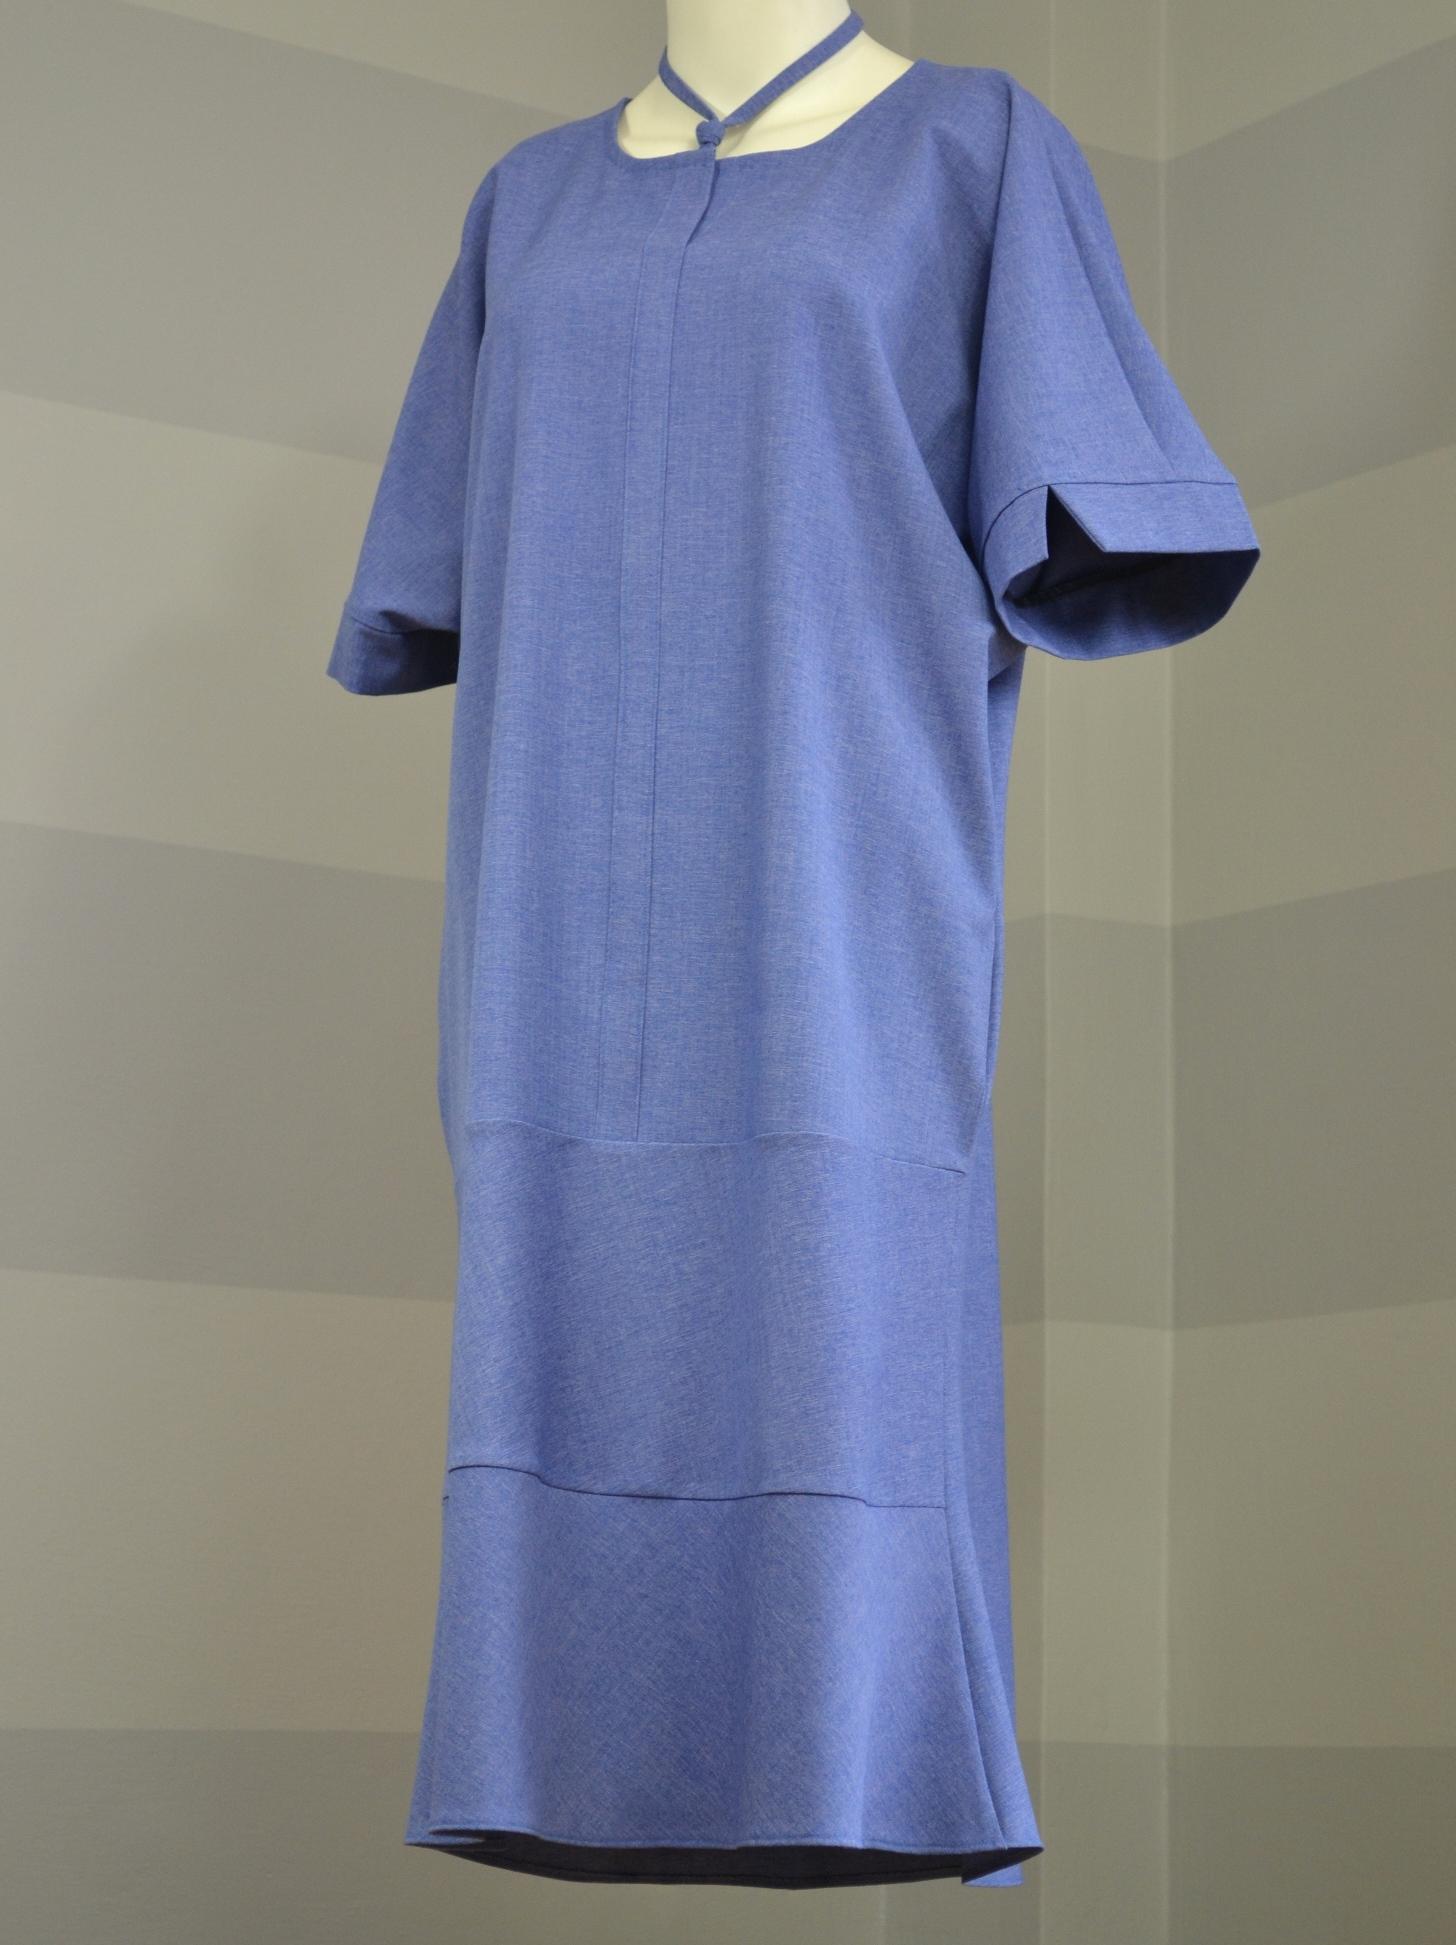 Fotografie pro model – Světlemodré košilové šaty